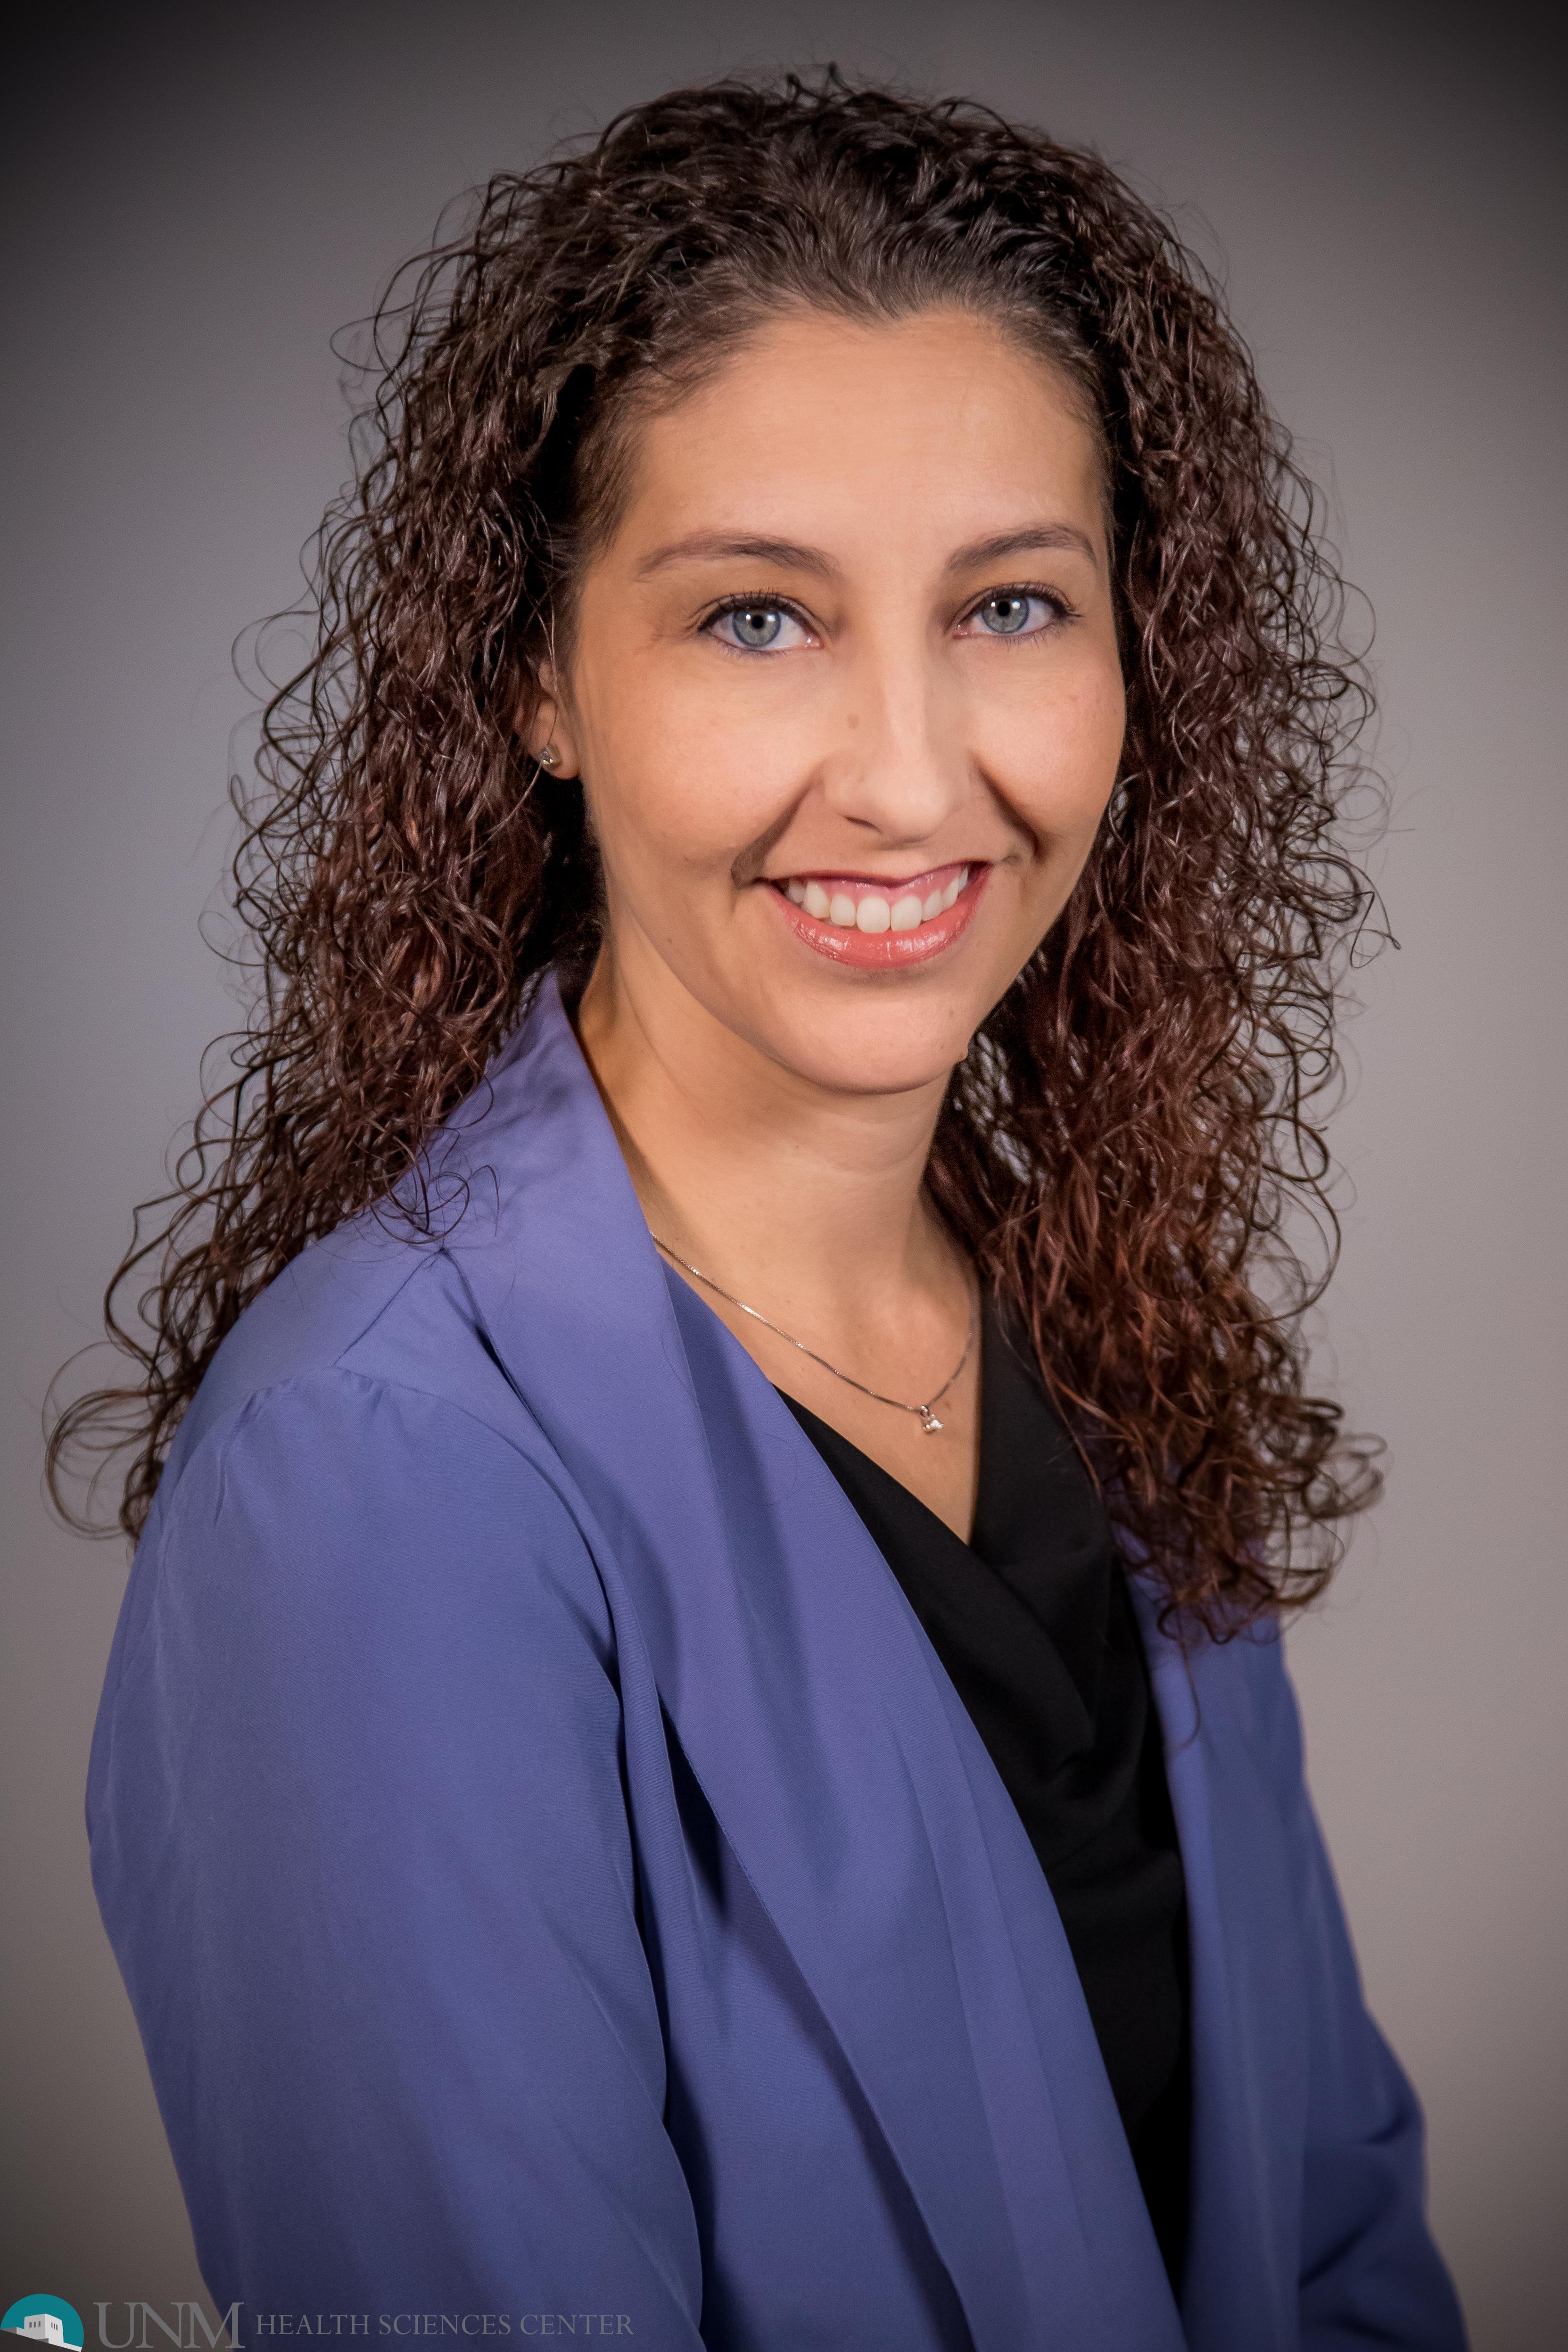 Diana Aboytes